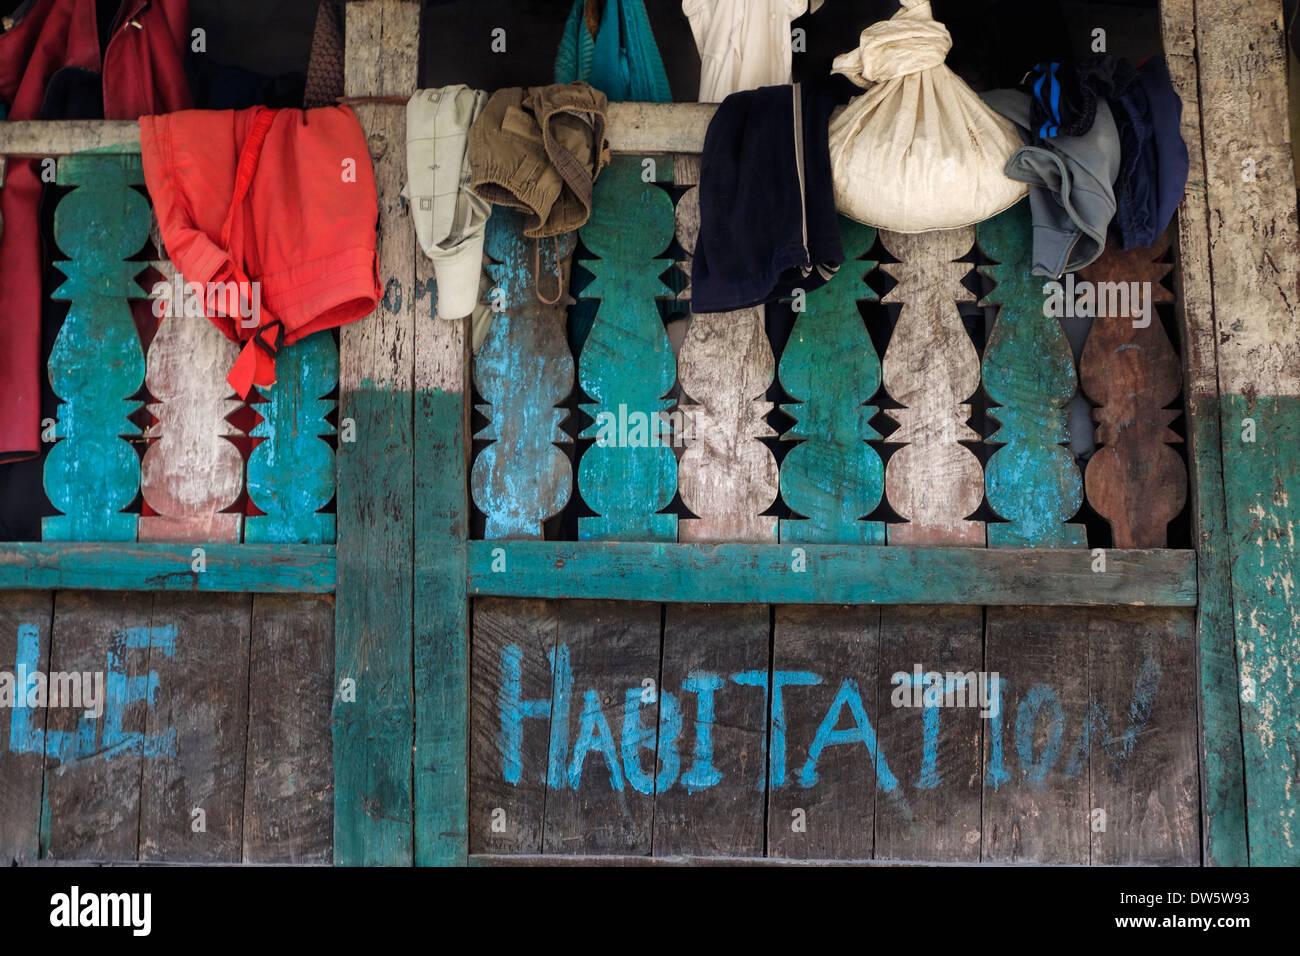 Abbigliamento appesi al balcone di una casa del villaggio di Jagat, Nepal. Immagini Stock